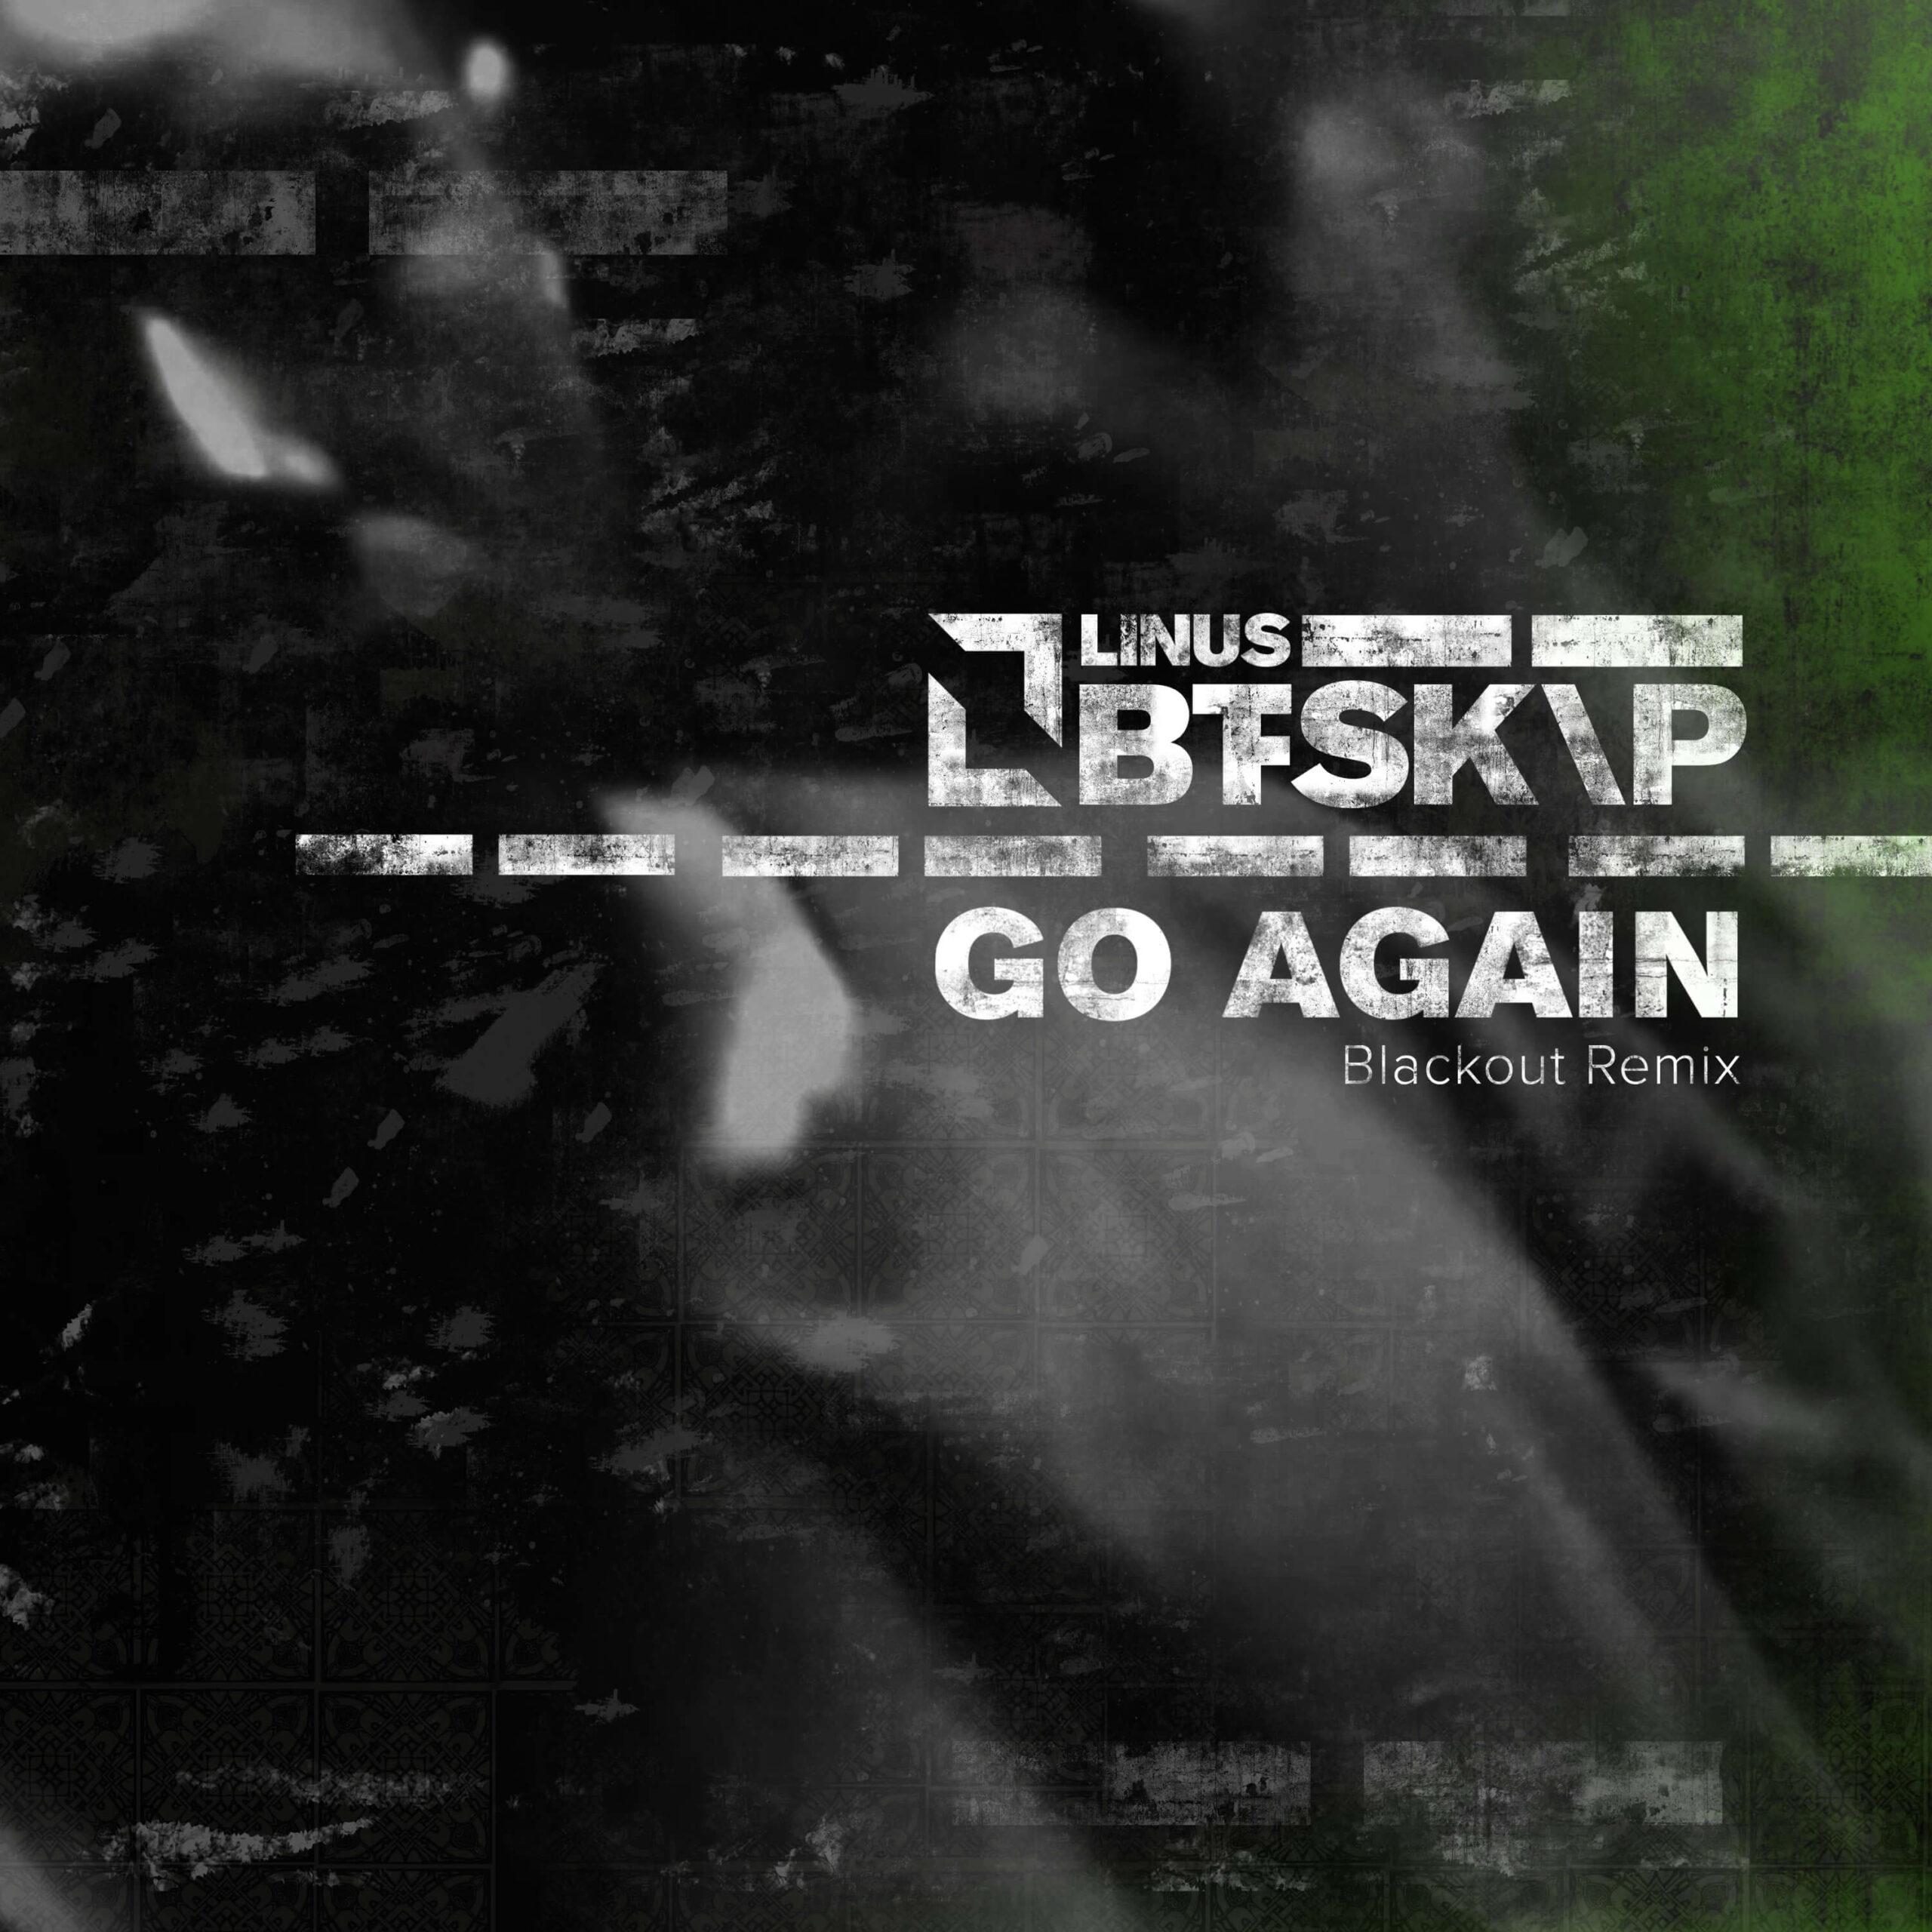 Go Again Blackout Remix Linus Btskip Hard Techno